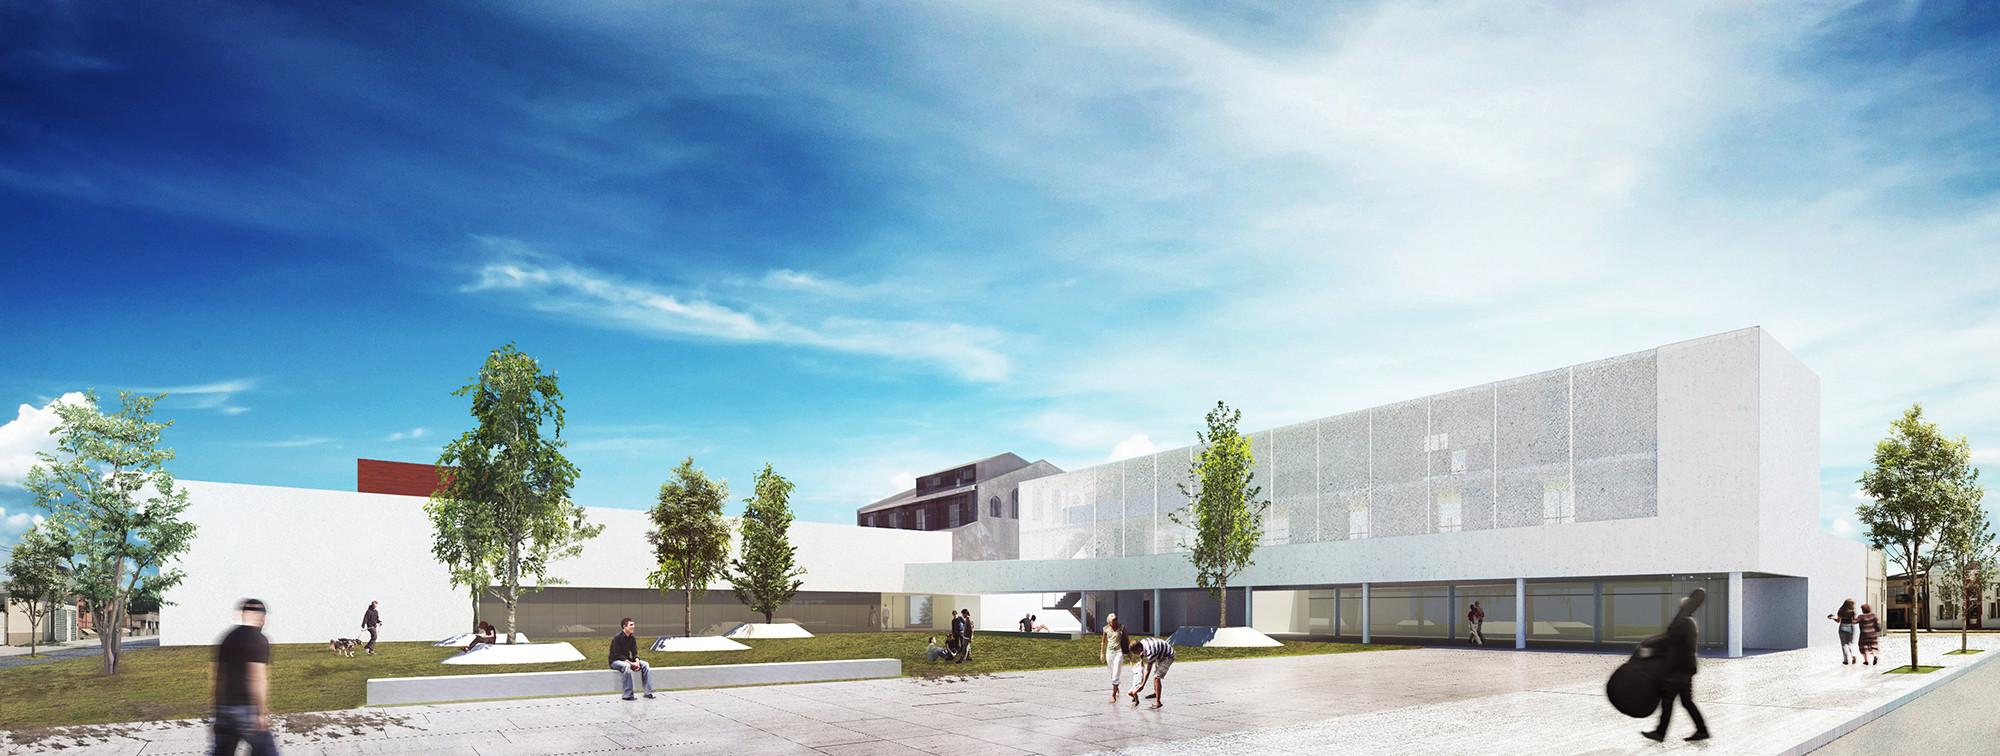 Primer Lugar Concurso Centro Educativo Cultural de la Ciudad de Diamante, Vista Exterior